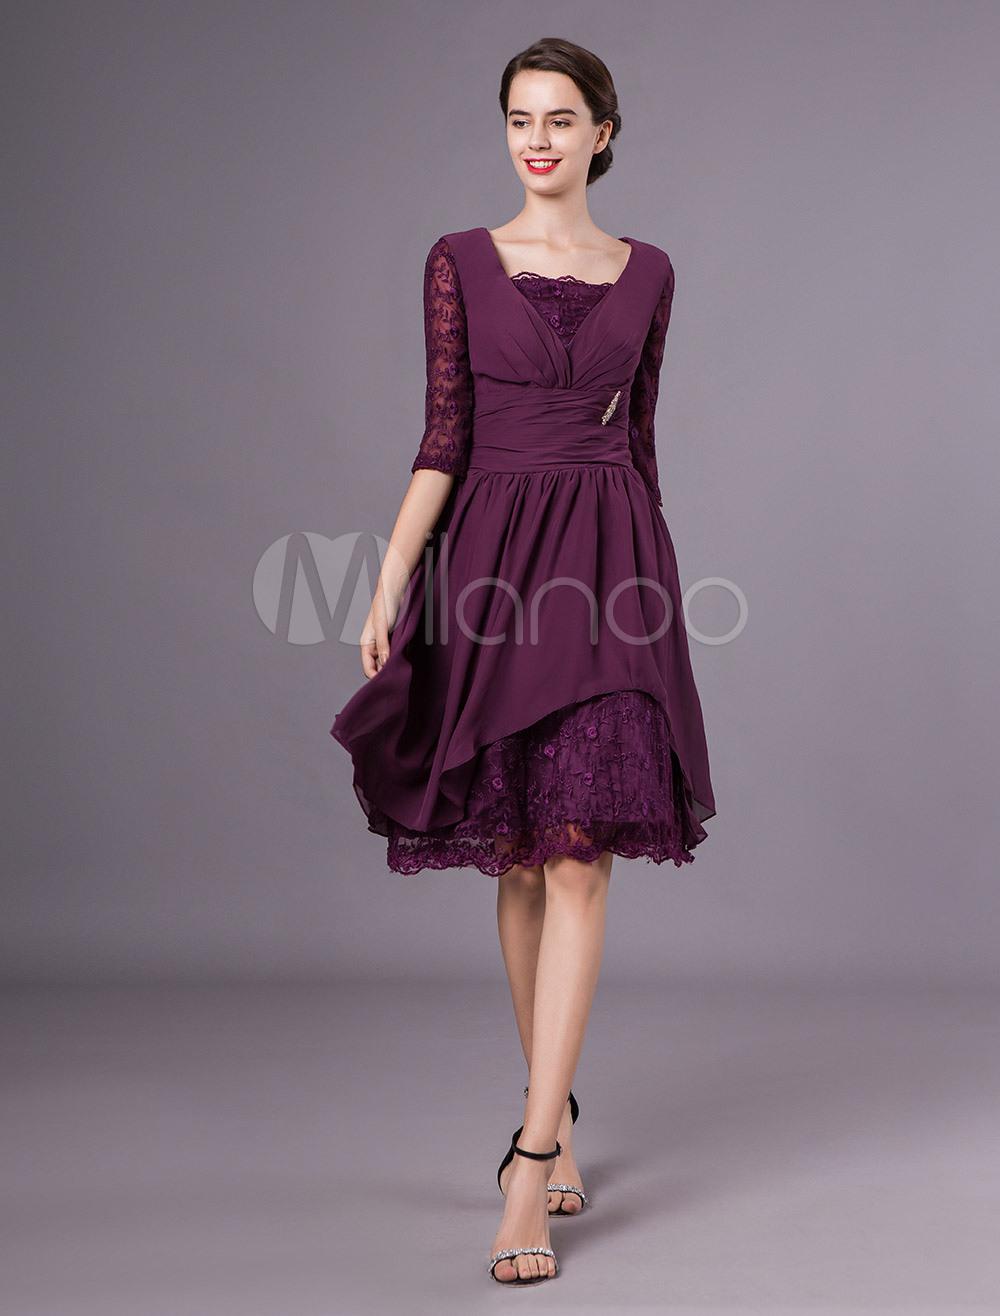 Brautmutterkleider A-Linie- Abendkleider Für Hochzeit Chiffon Günstige  Abendkleider Pflaume 1/2 Ärmel Viereckiger Ausschnitt Knielang